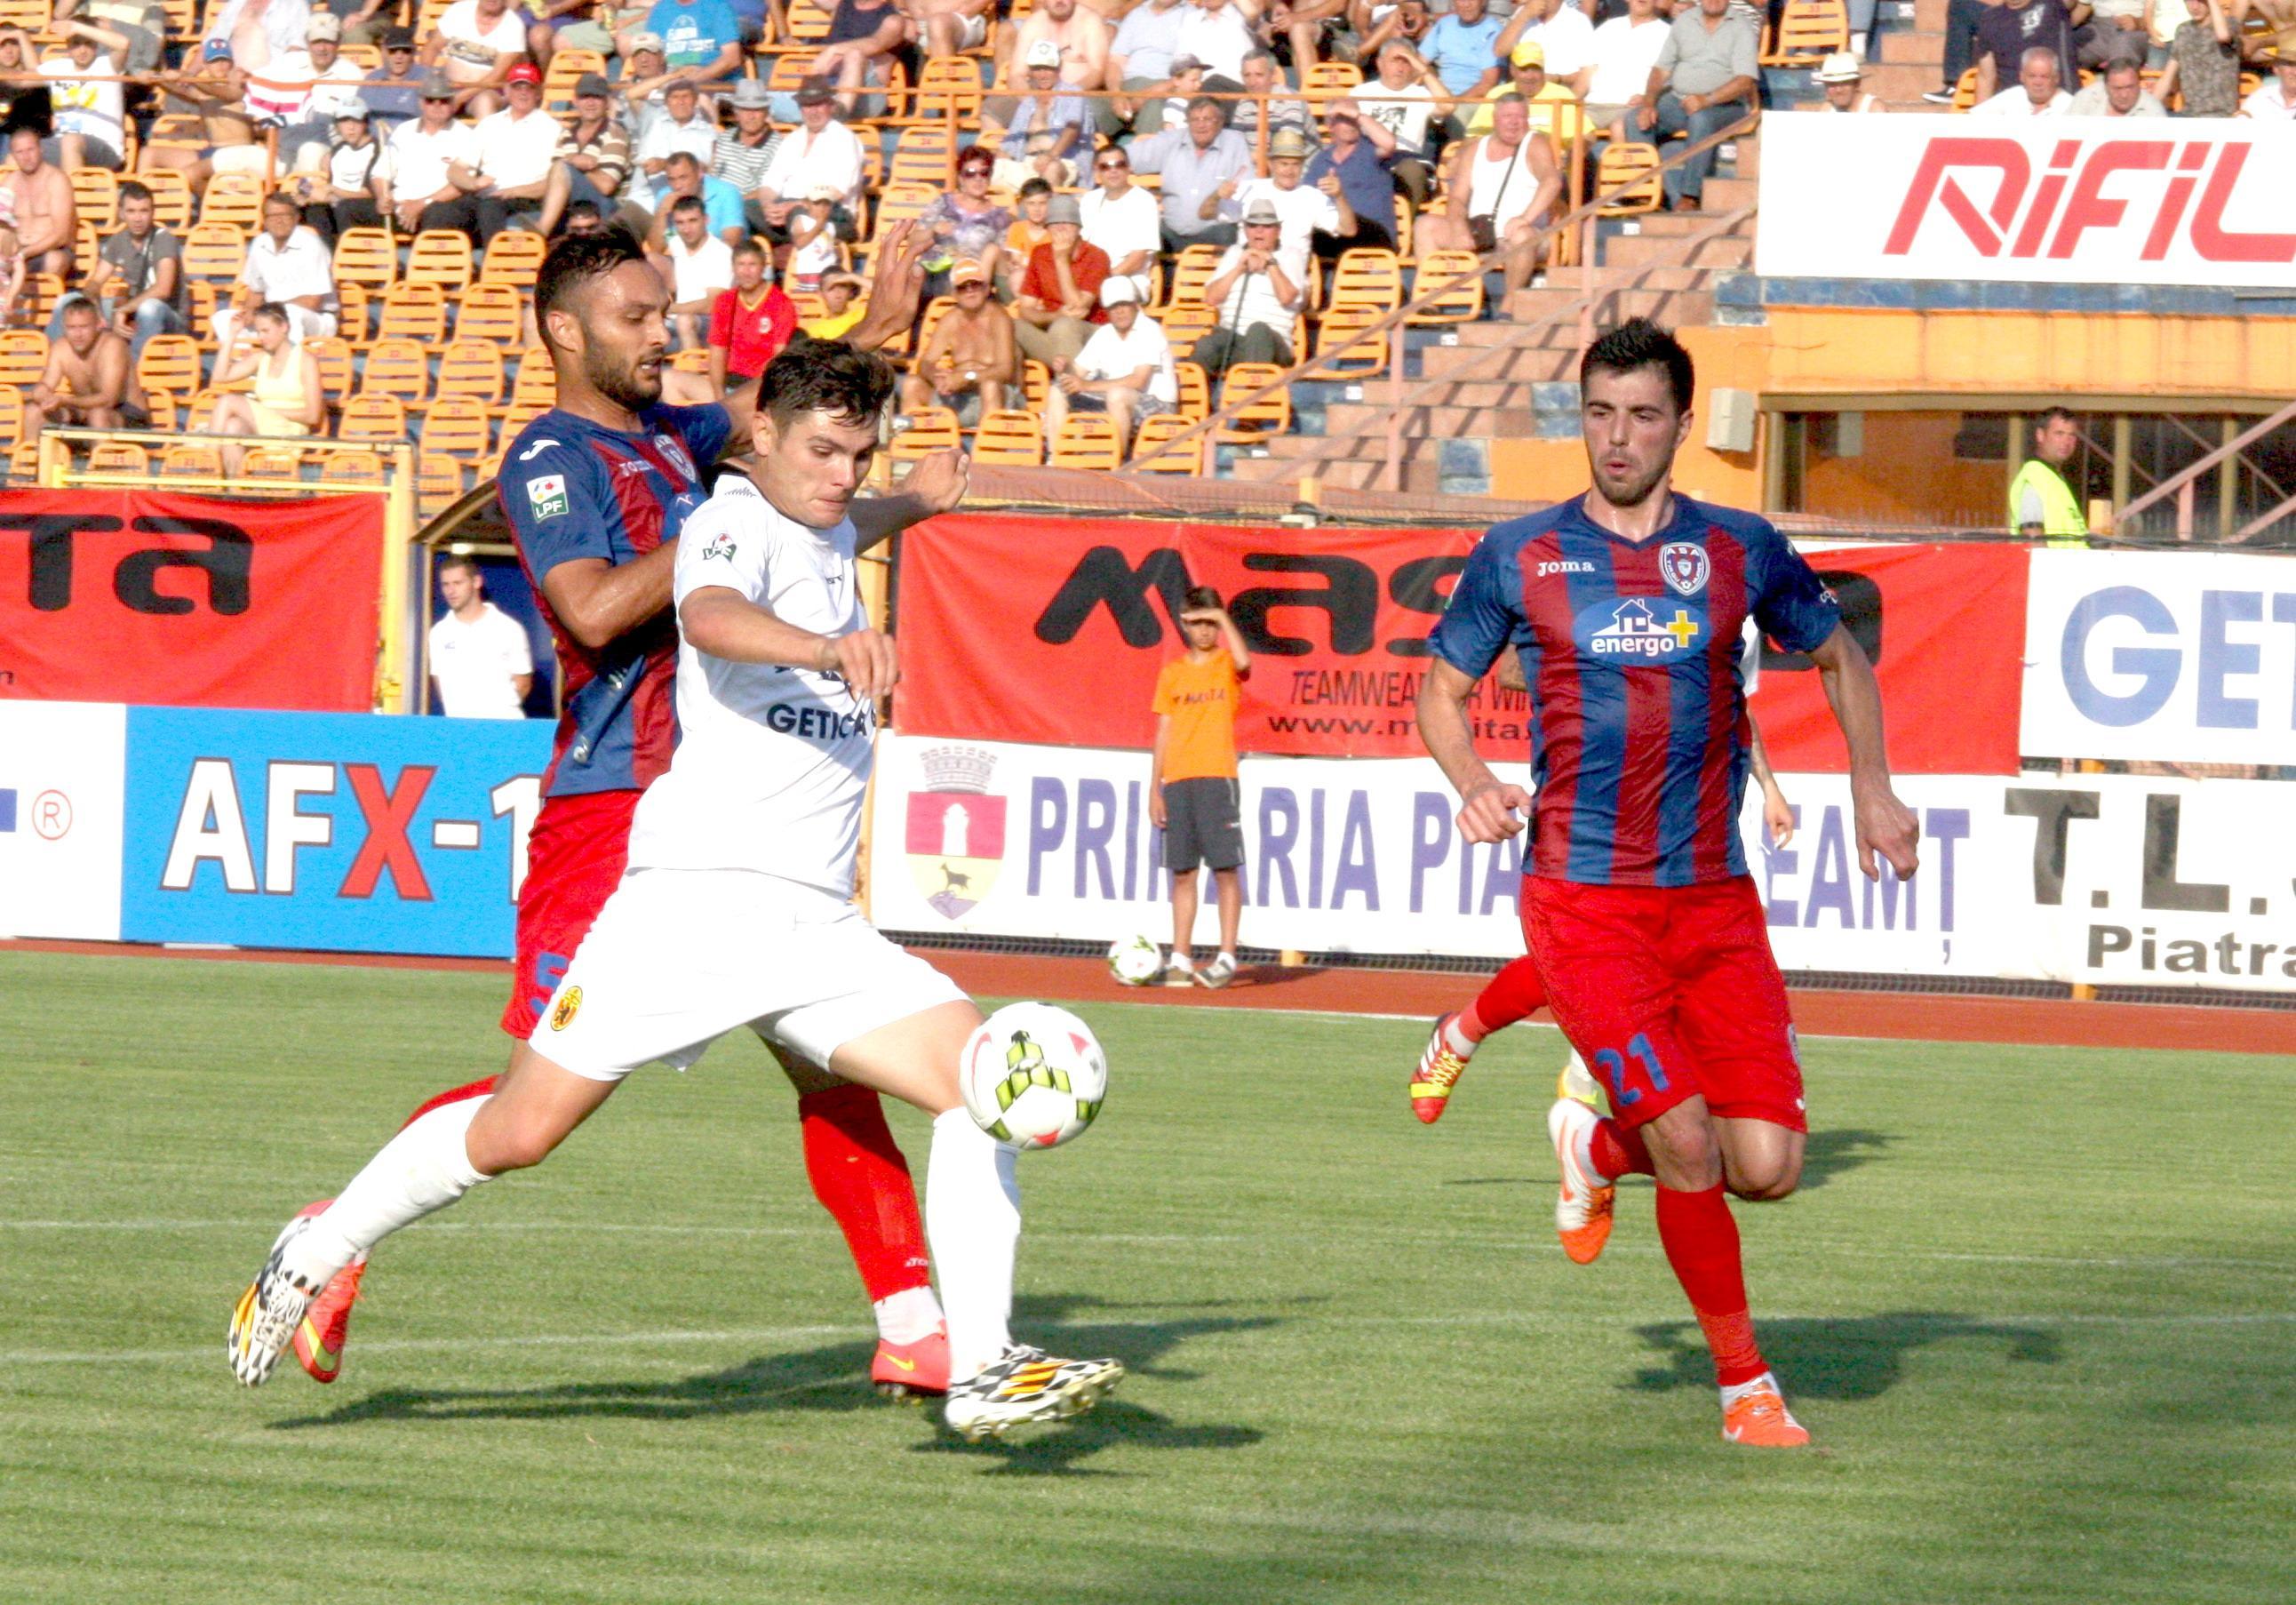 Meciul de Cupă ASA-Ceahlăul se va juca la 29 octombrie, la Tg.Mureş